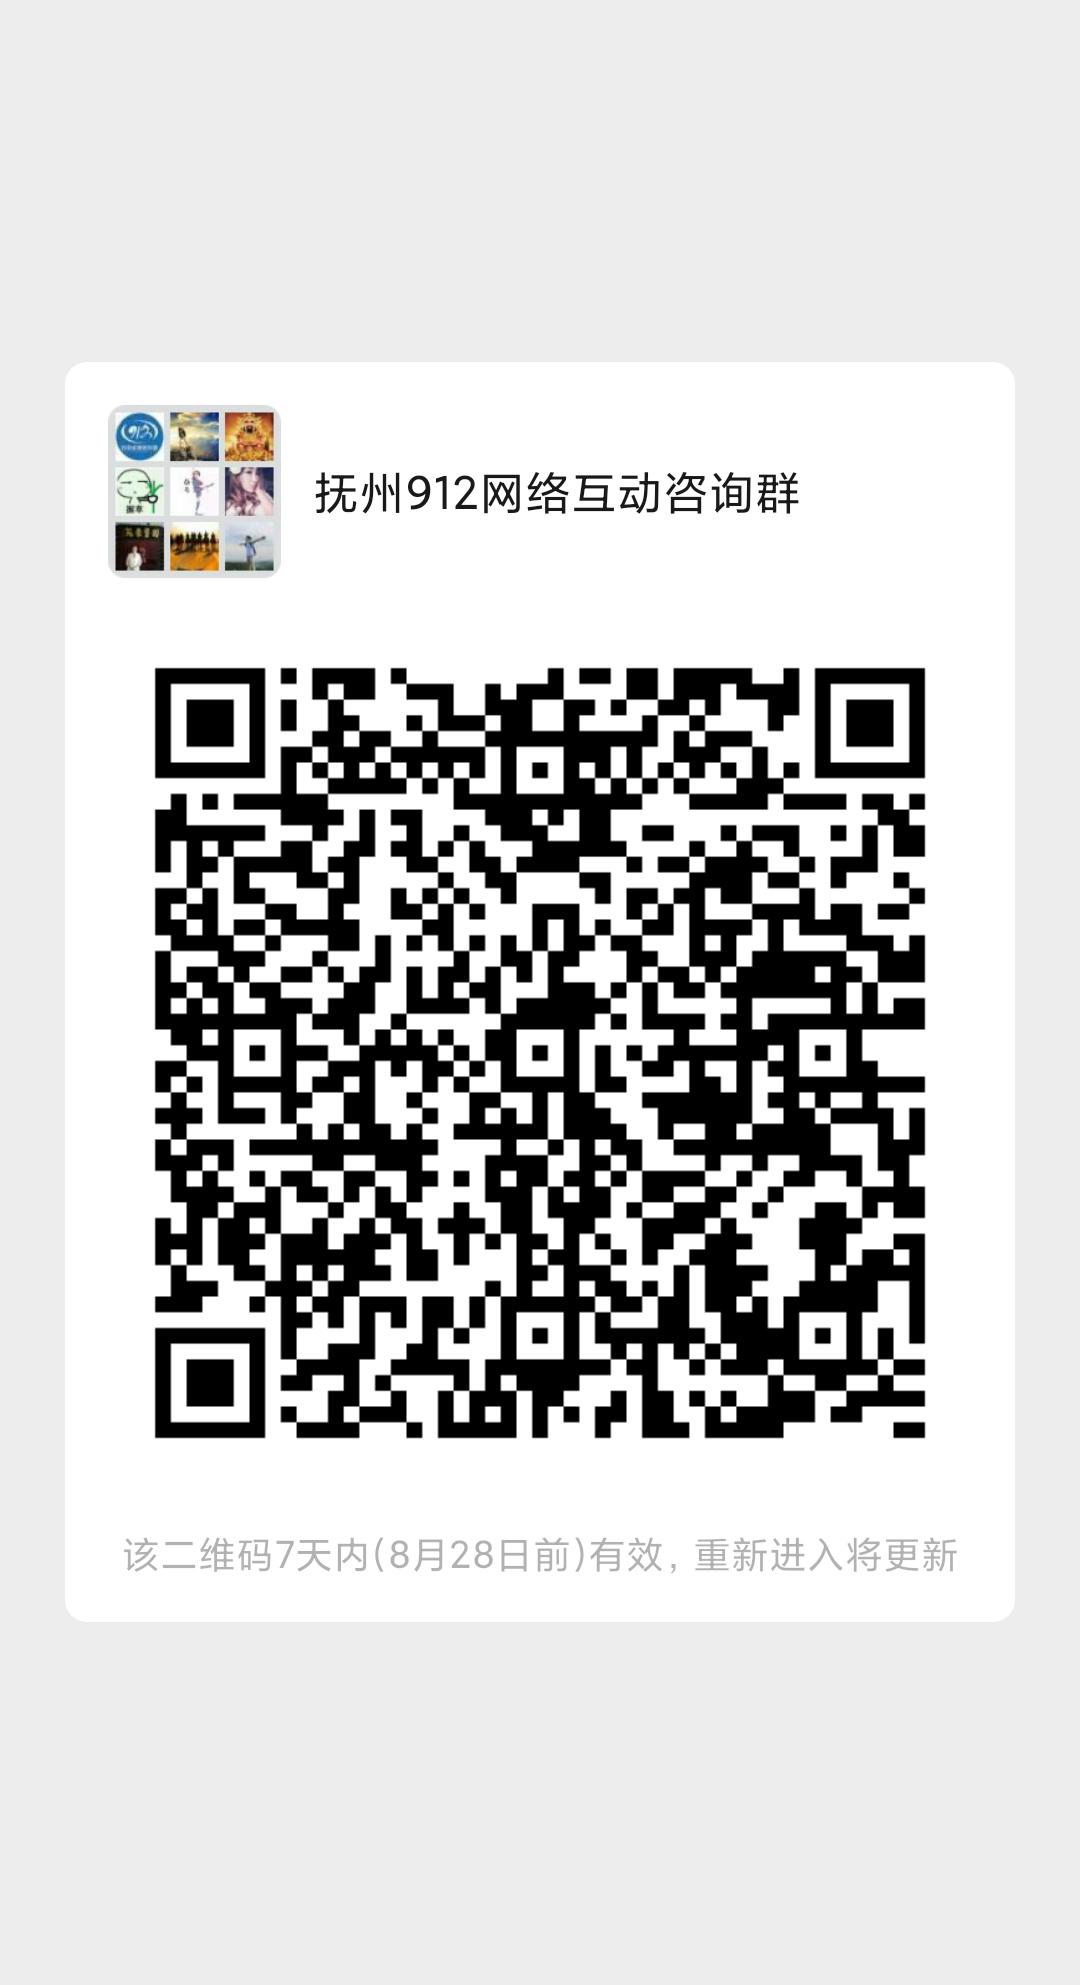 29f160b515ac593ac8698fcc7f21b470346.png